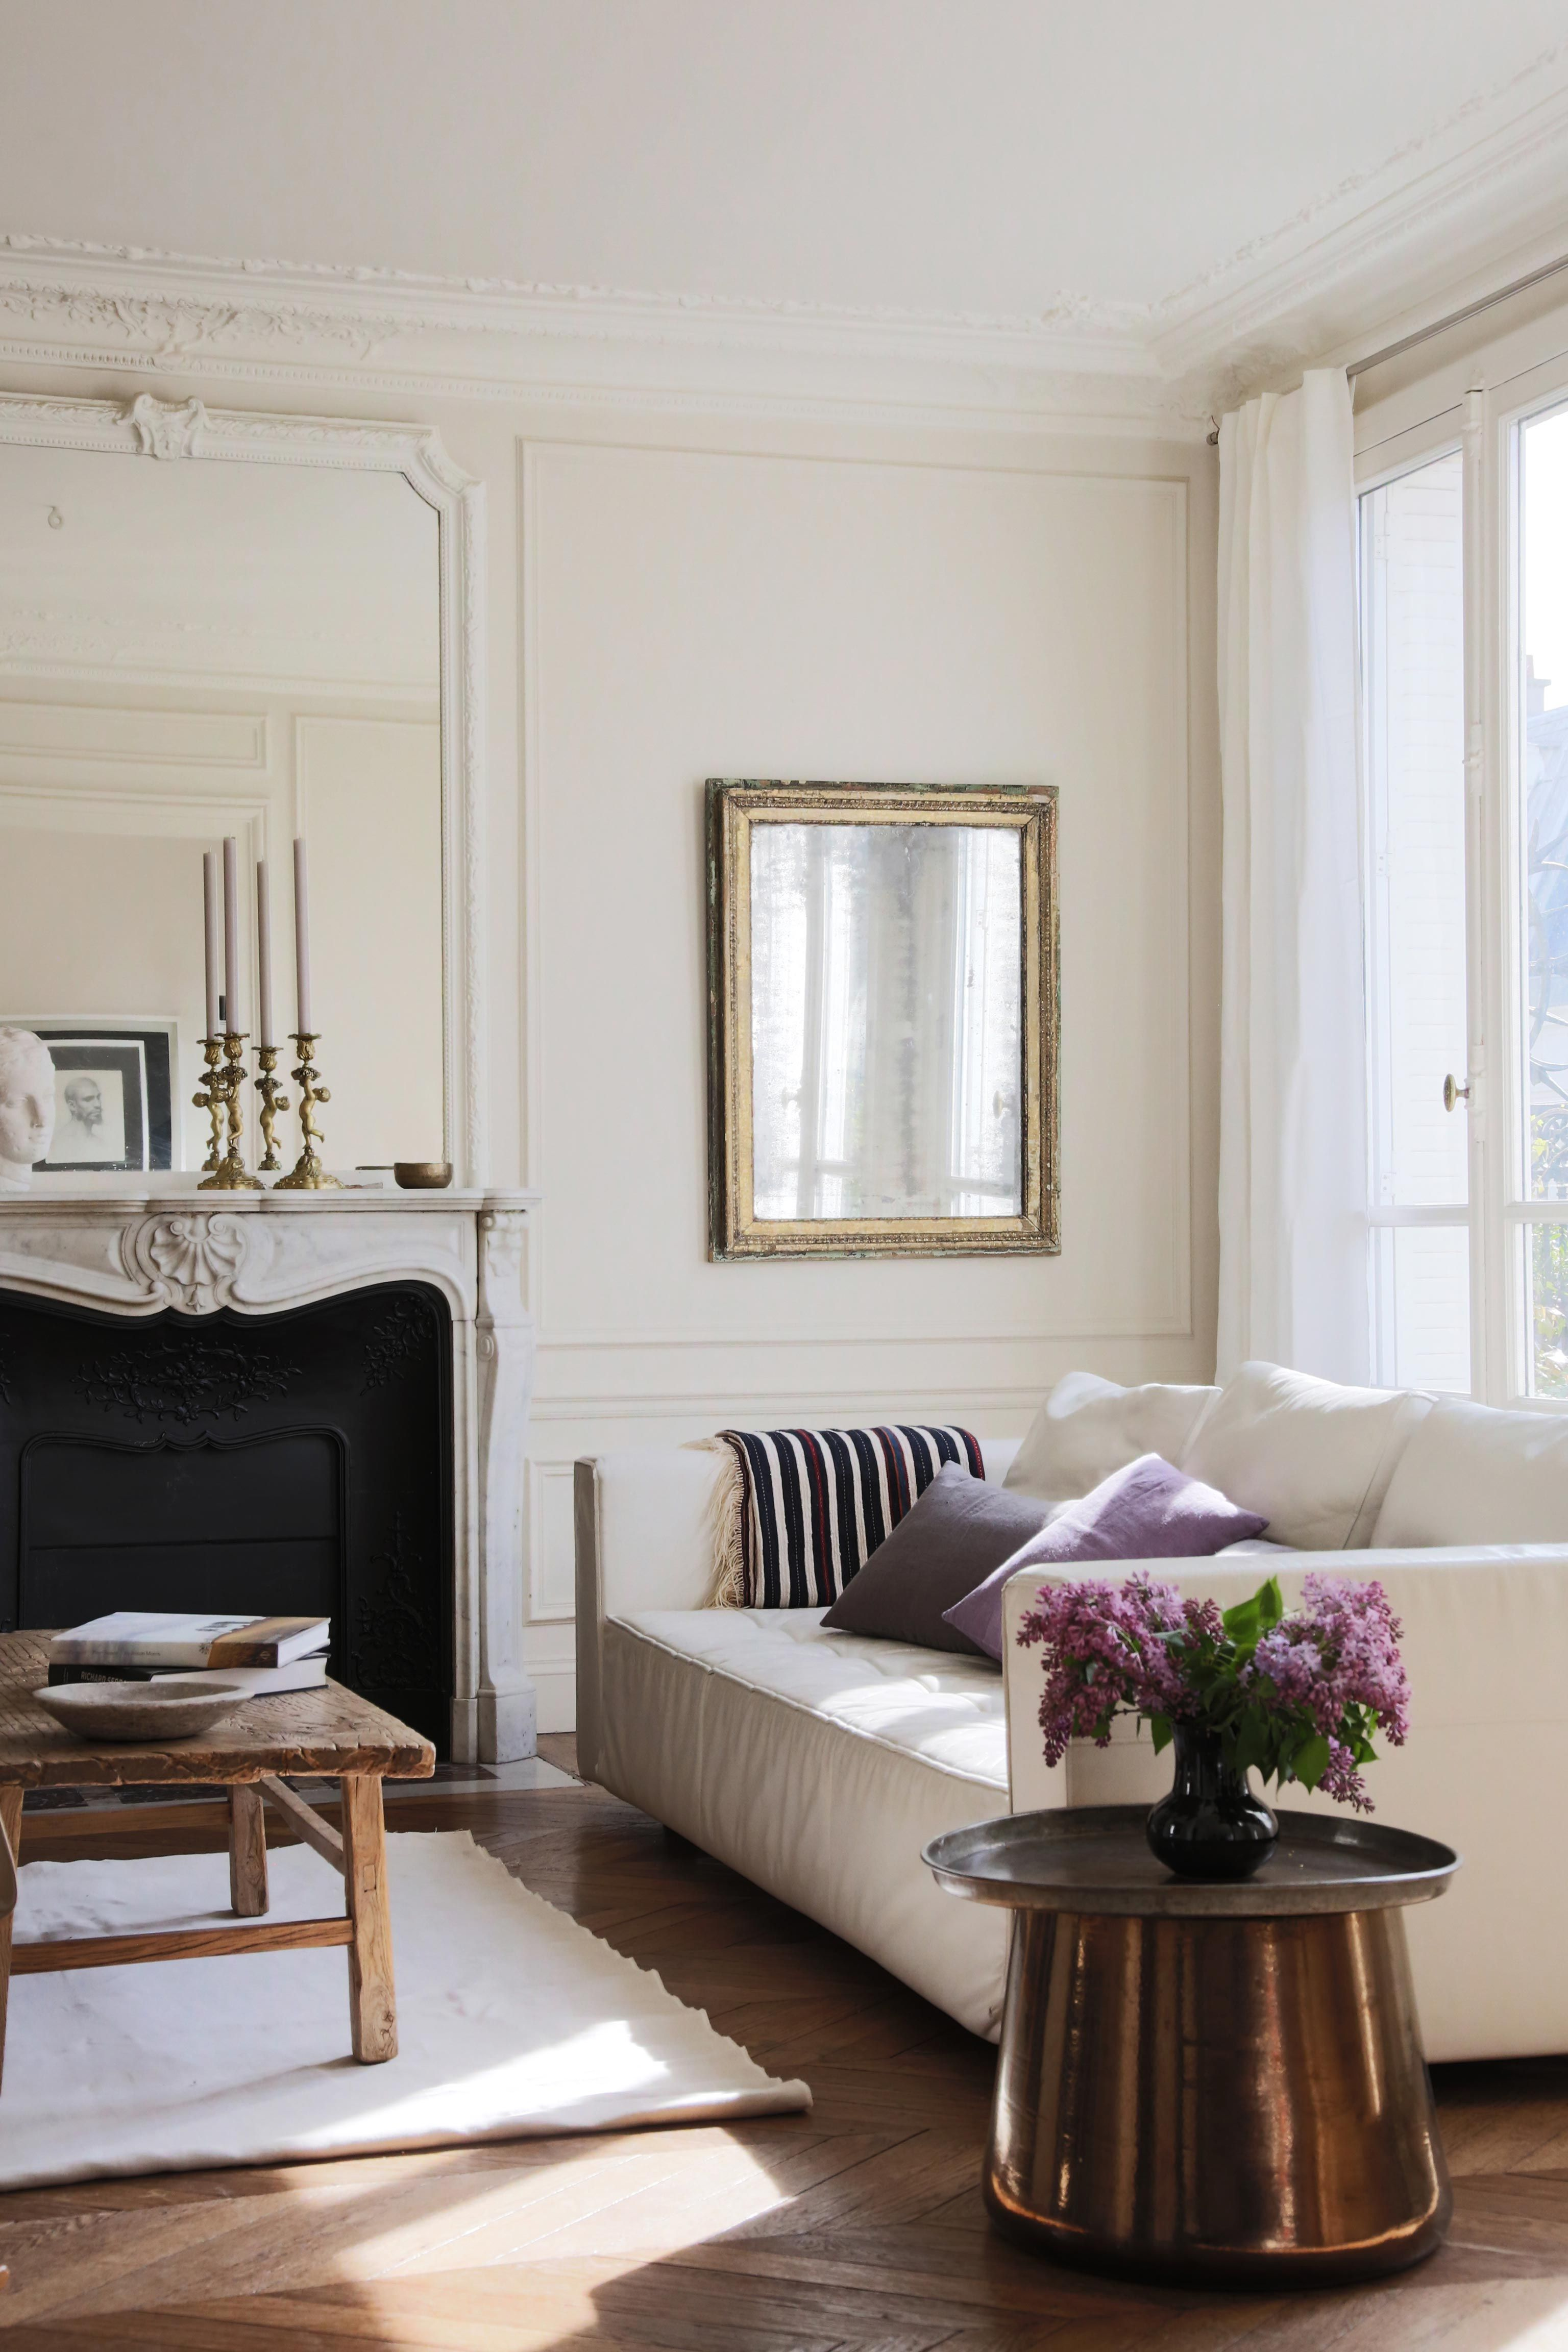 Sébastien J. - Rencontre un Archi Salon classique, design ...